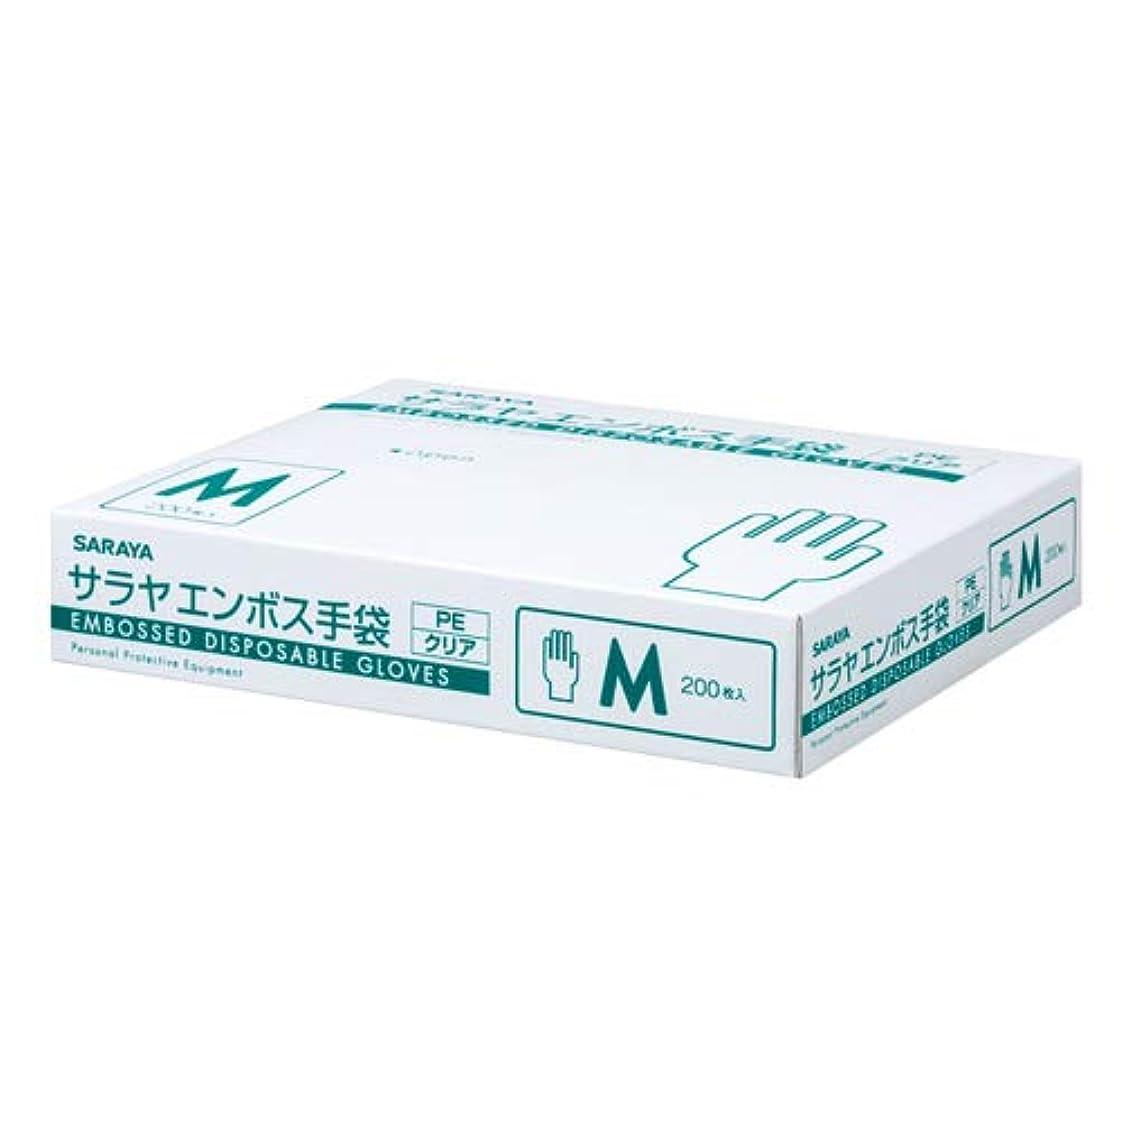 ぼかしいろいろエンティティサラヤ 使い捨て手袋 エンボス手袋 PEクリア Mサイズ 200枚入